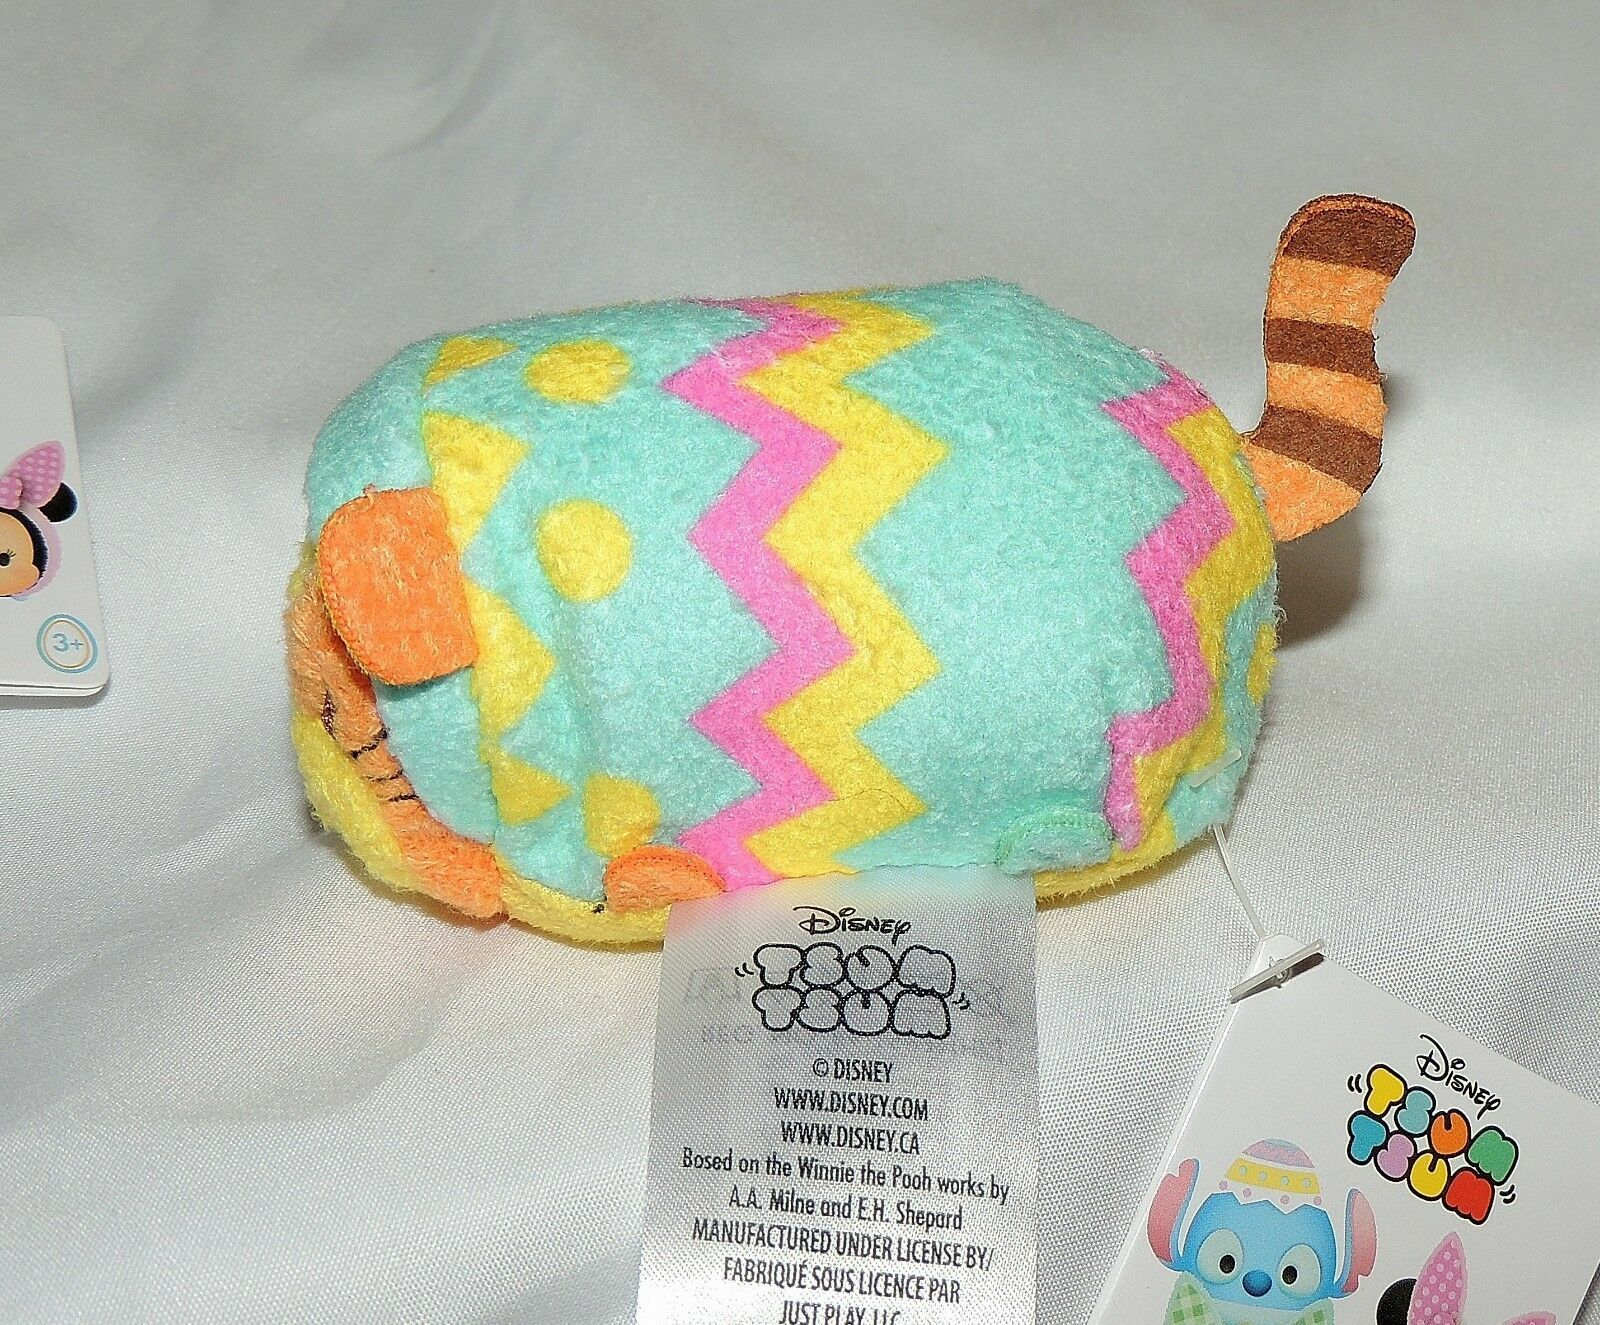 Nouveau Disney Tsum Winnie The Pooh Tigrou Peluche Oeuf de Pâques Lapin Pois